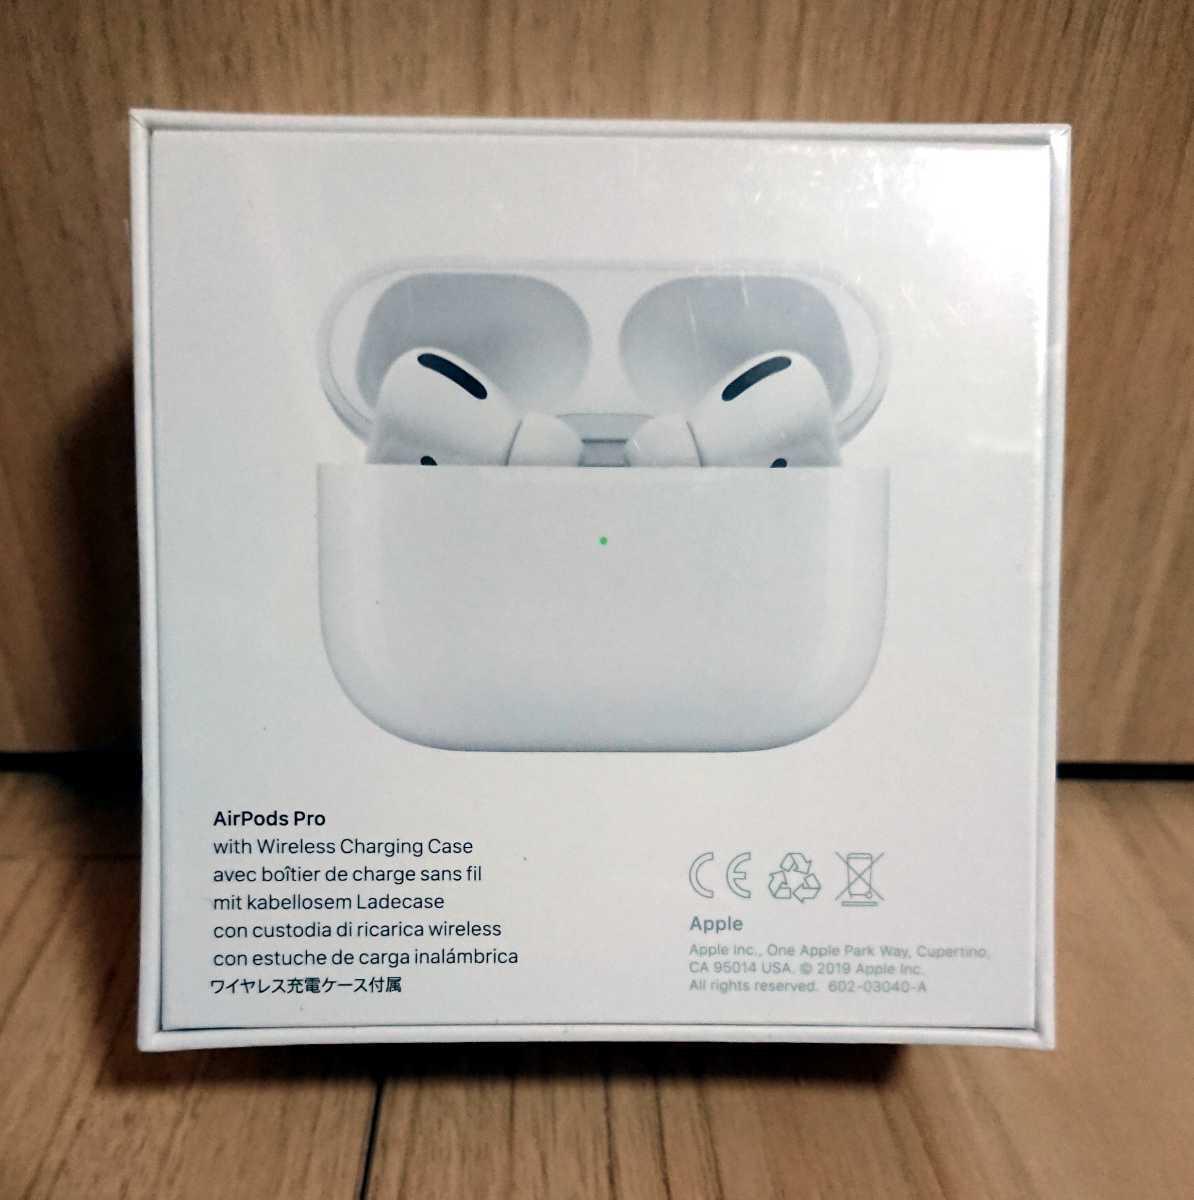 【送料無料】 アップル Apple AirPods Pro (エアーポッズプロ) ワイヤレスヘッドフォン MWP22J/A 【新品未開封】_画像2